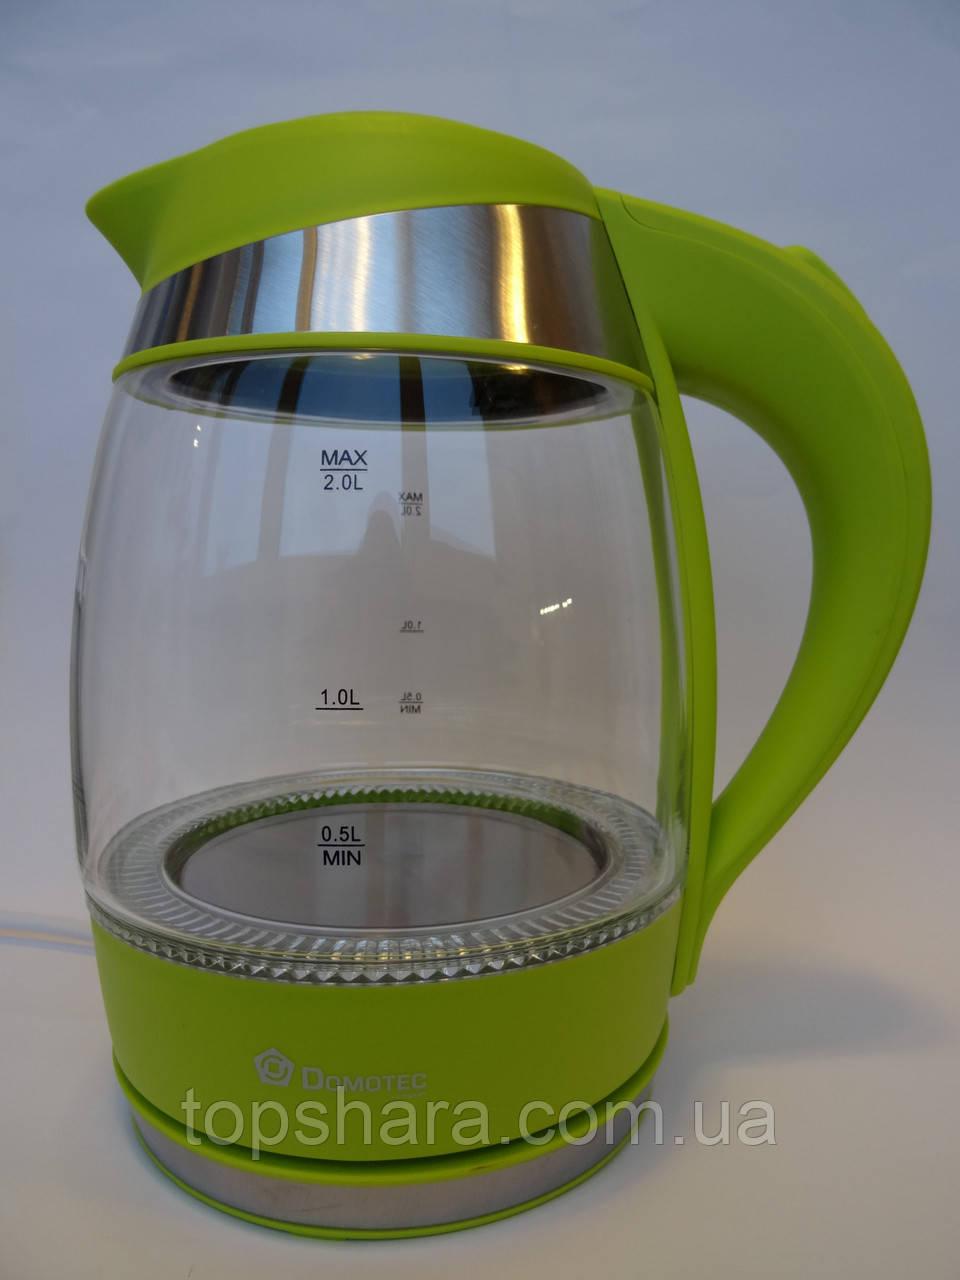 Электрочайник Domotec DT-707 чайник 2.0 л. Салатовый